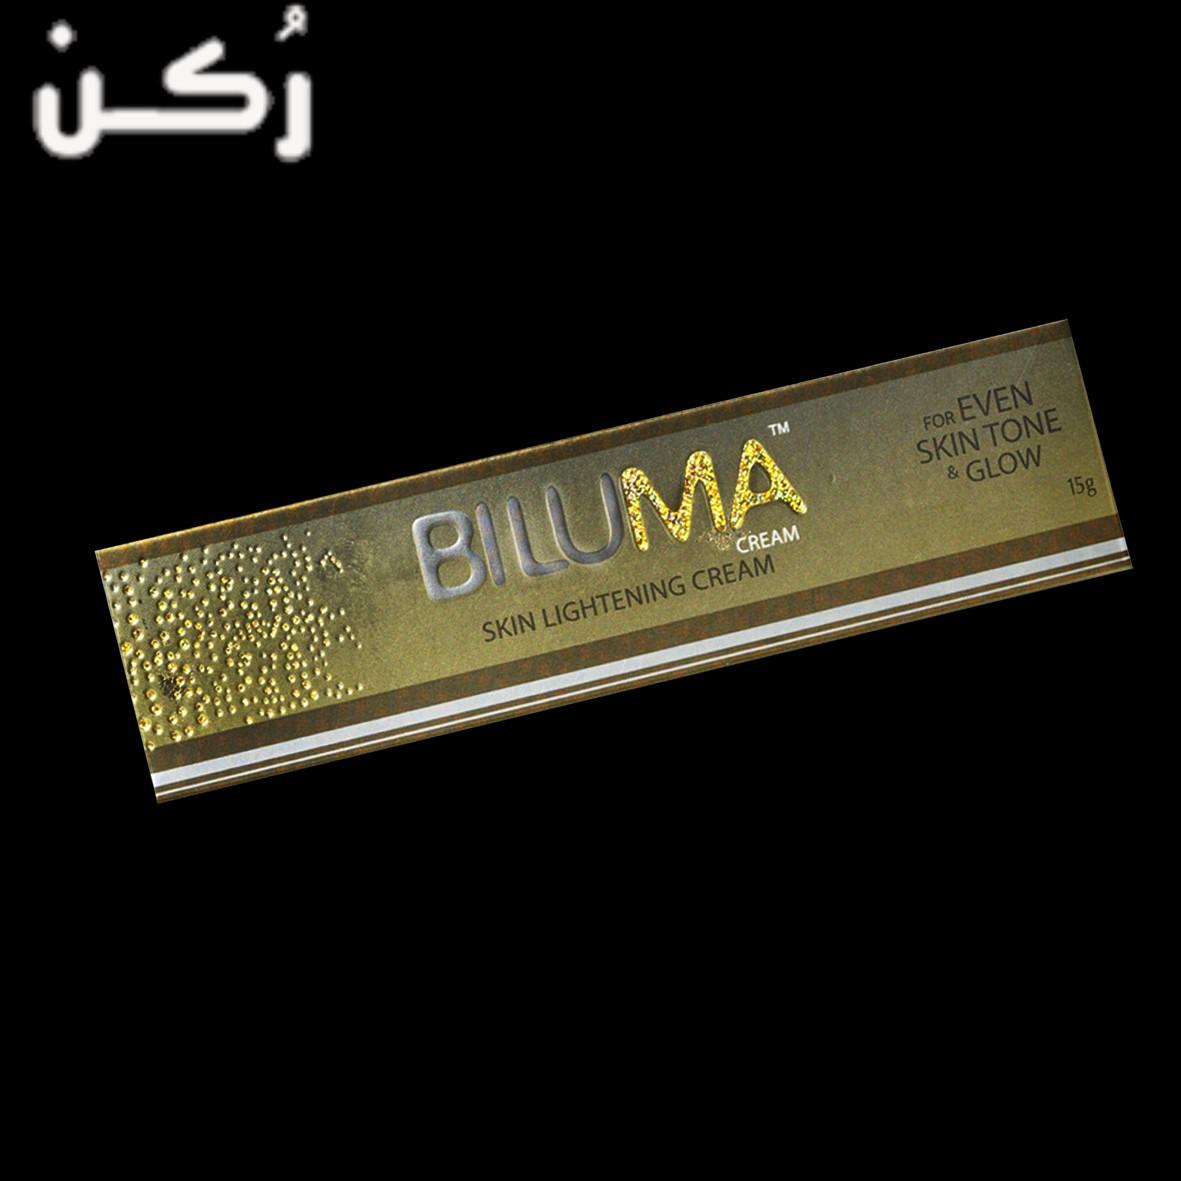 كريم بيلوما الذهبي لتفتيح البشرة وإزالة البقع الداكنة